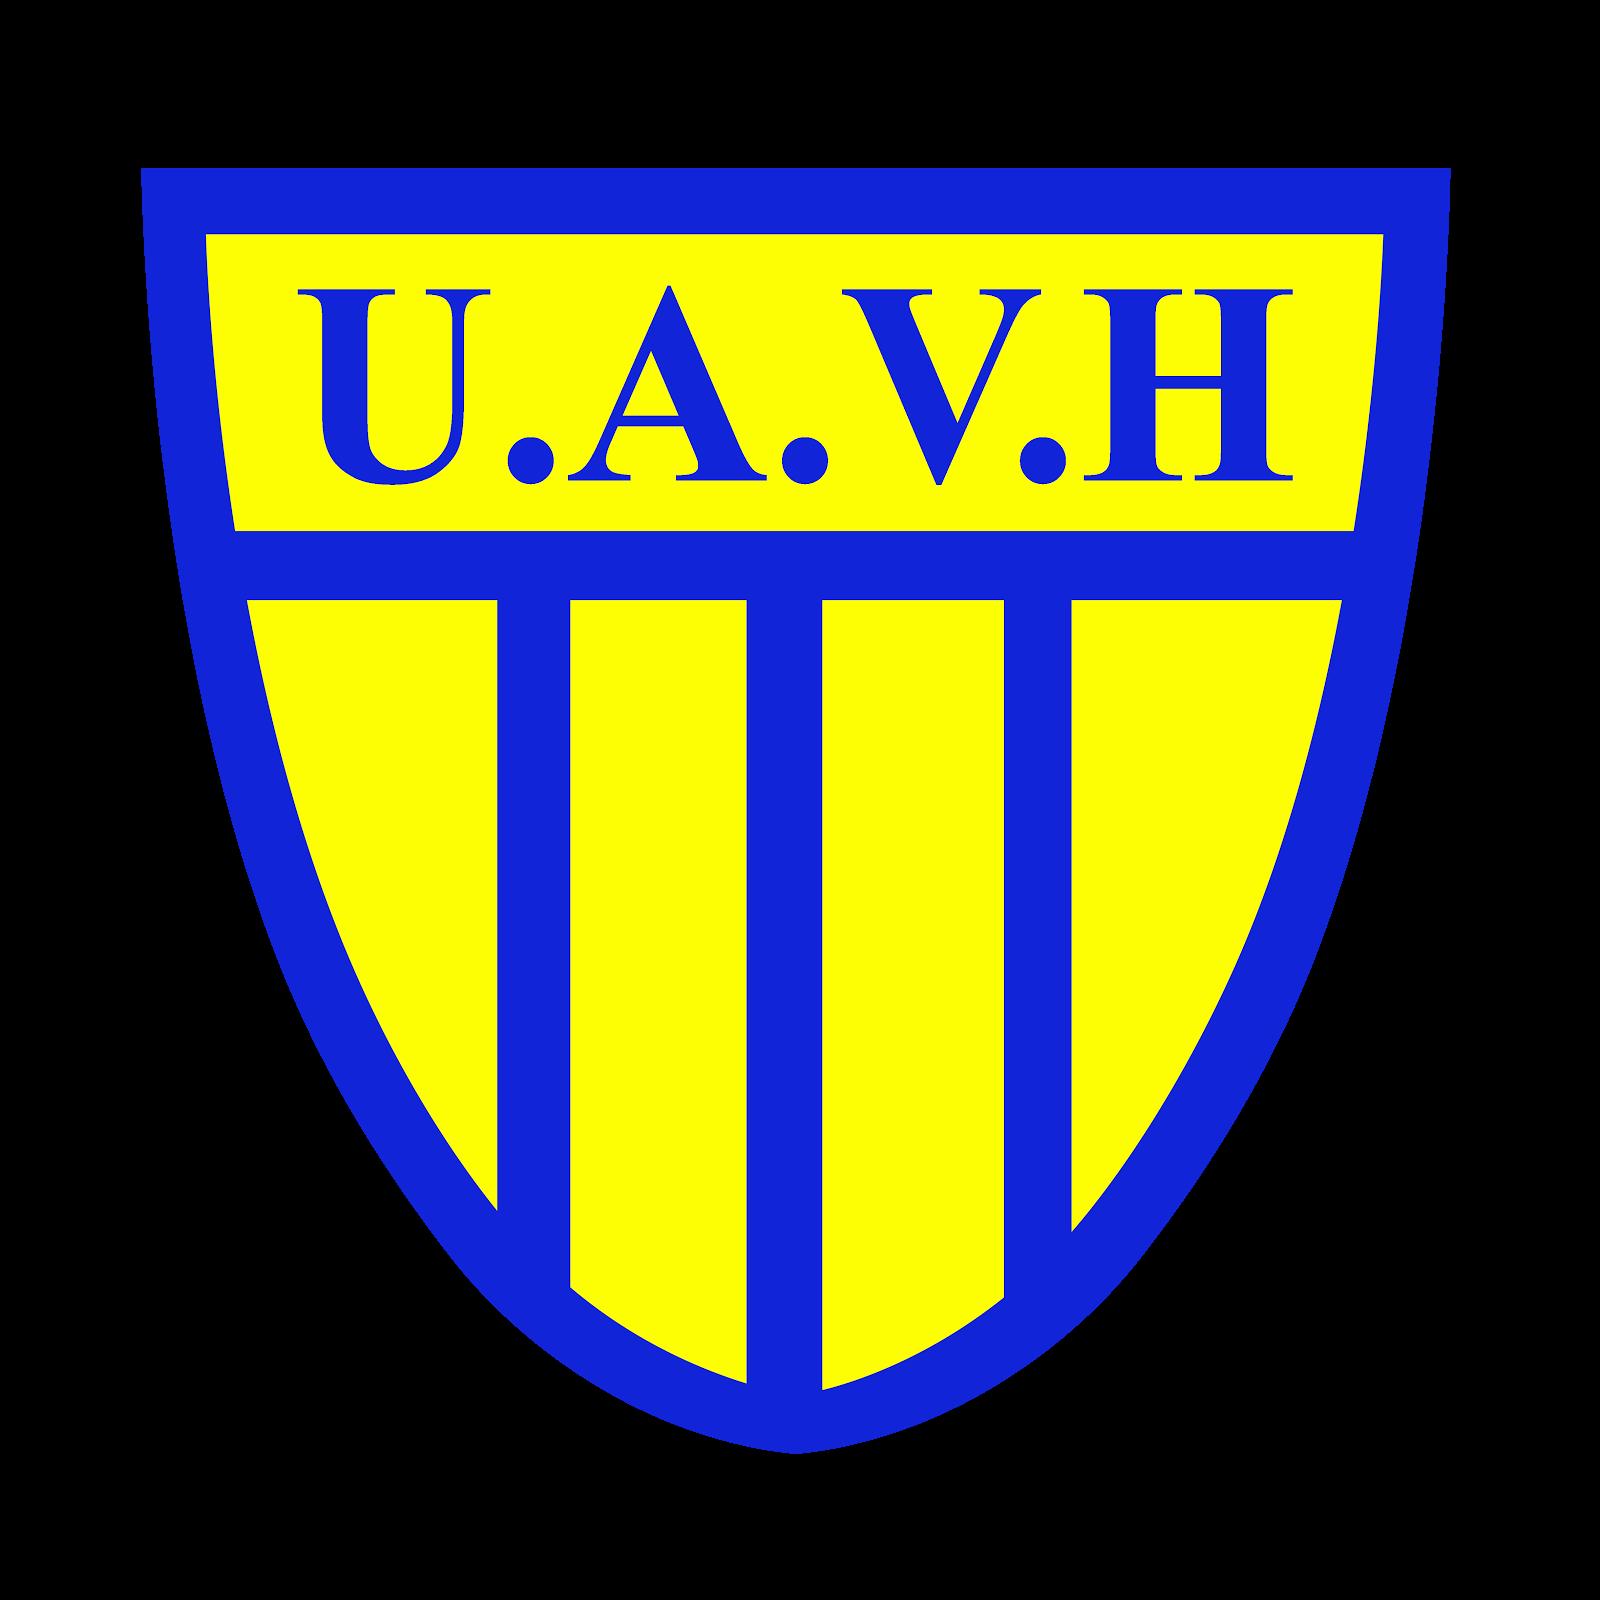 Union athlétique de la vallée de l'Huveaune